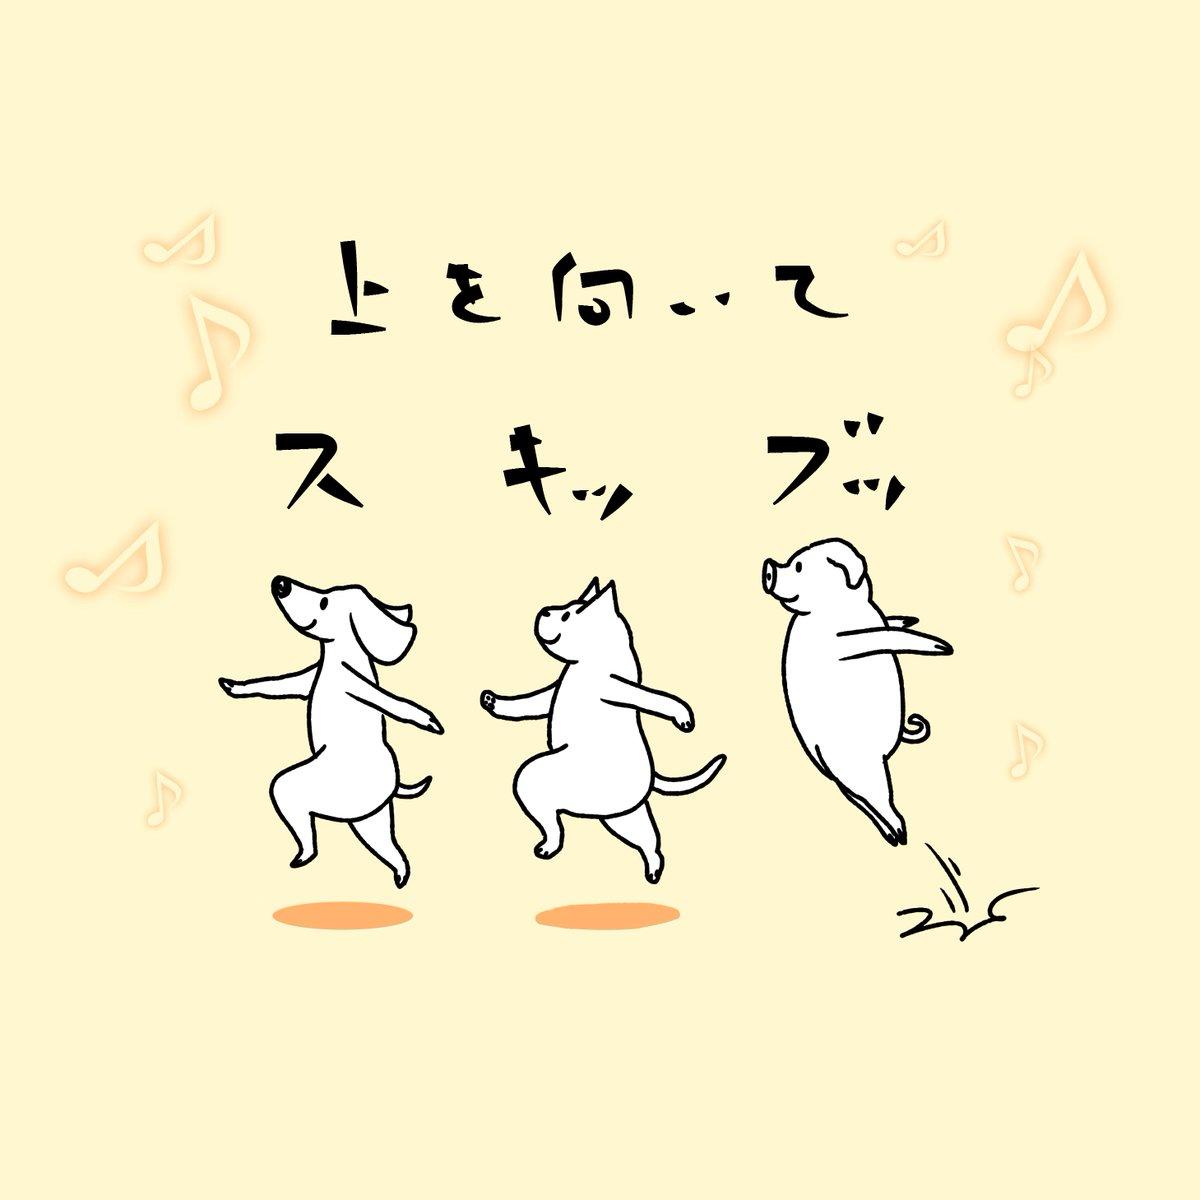 """石川ともこ on twitter: """"春っぽいなぁ #illustration #イラスト #猫"""